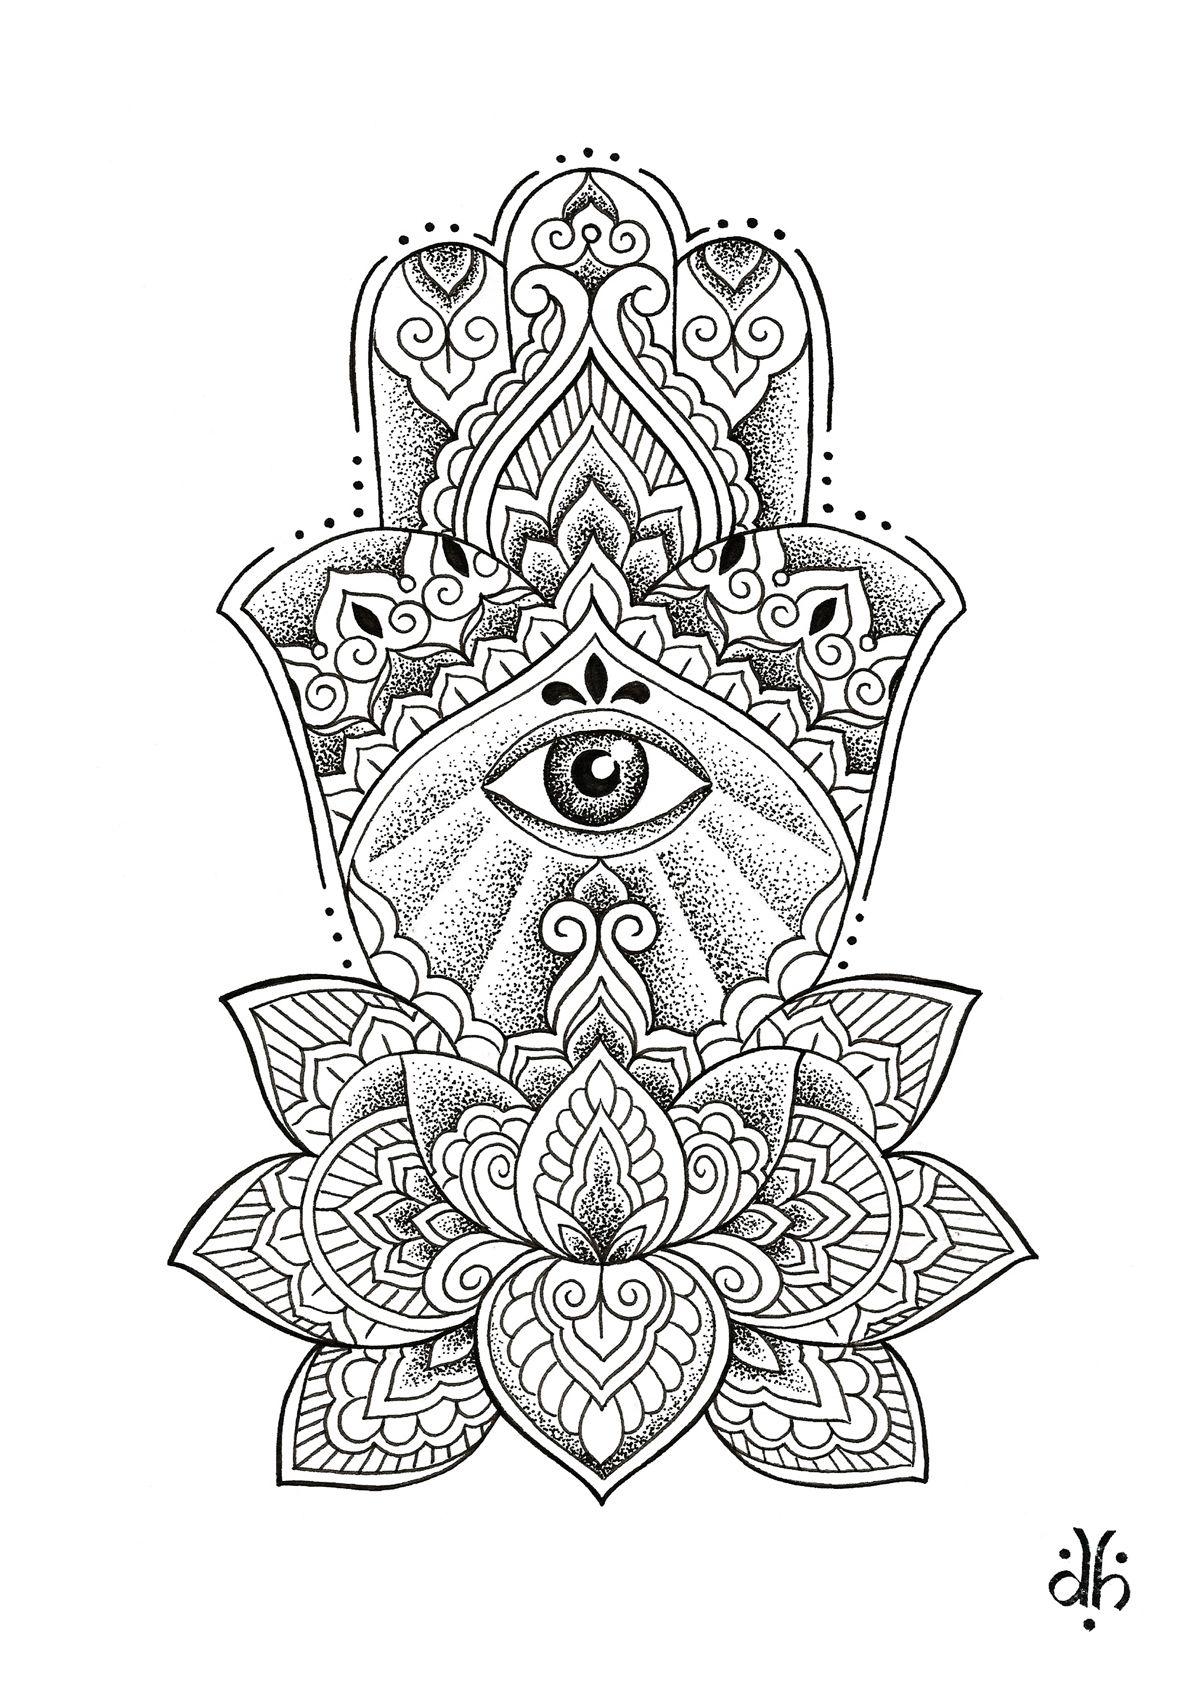 Tatuagem/tattoo. Hamsá. Dominique Holmes. Tatuagens mão